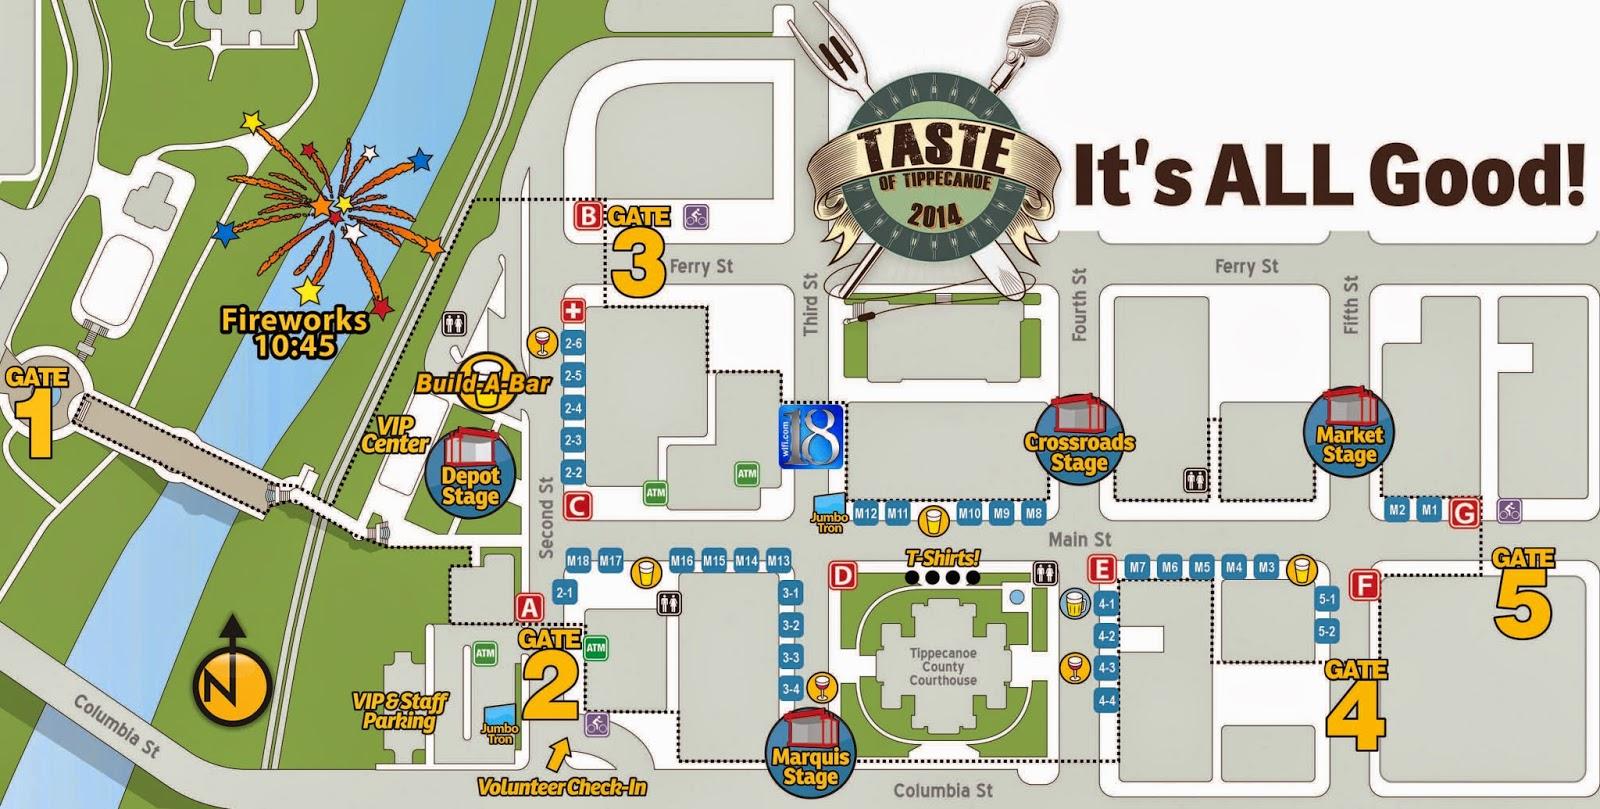 taste of tippecanoe 2014 event map